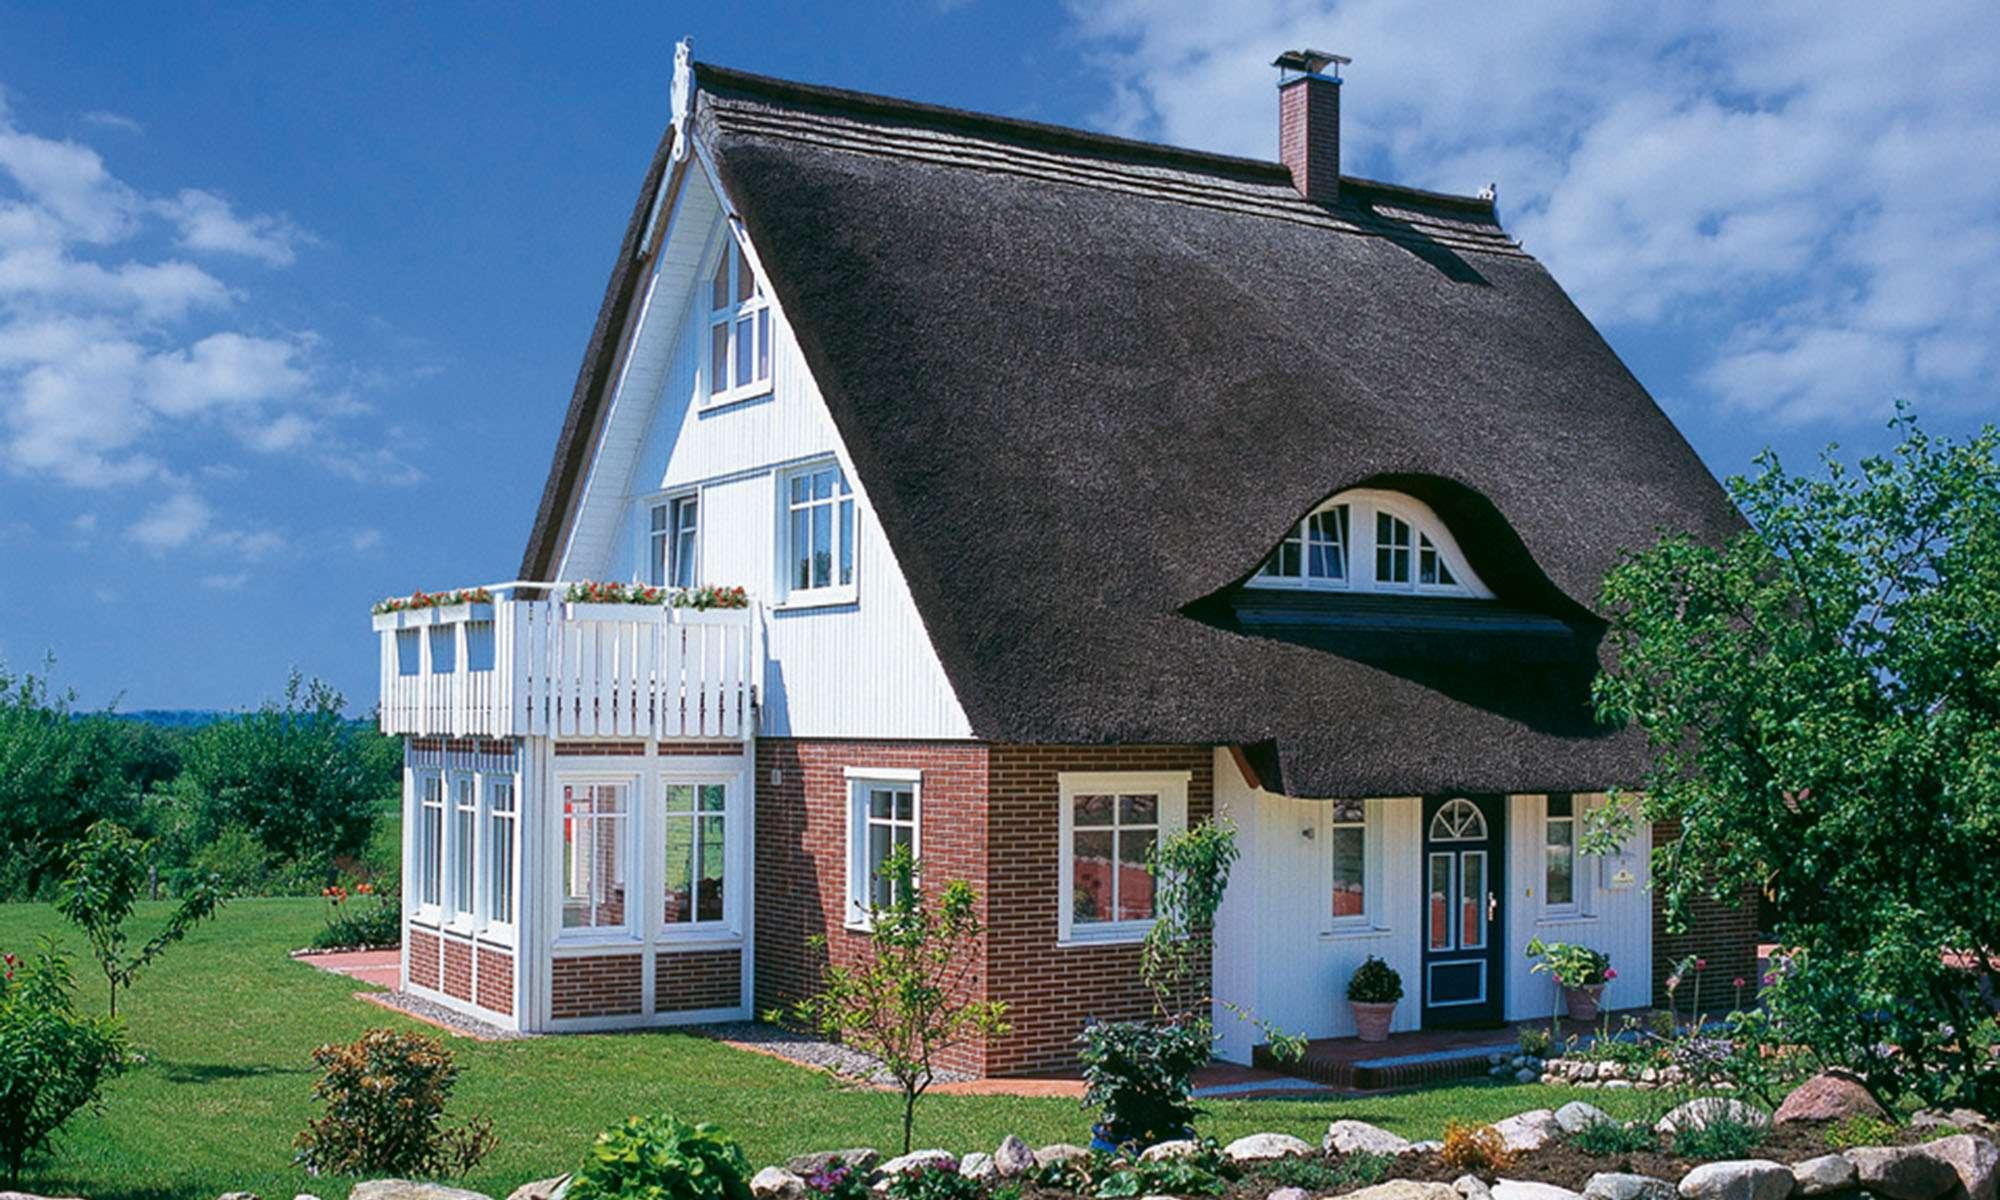 Unterschied zwischen dem klassischen Friesen- und Ostfriesenhaus